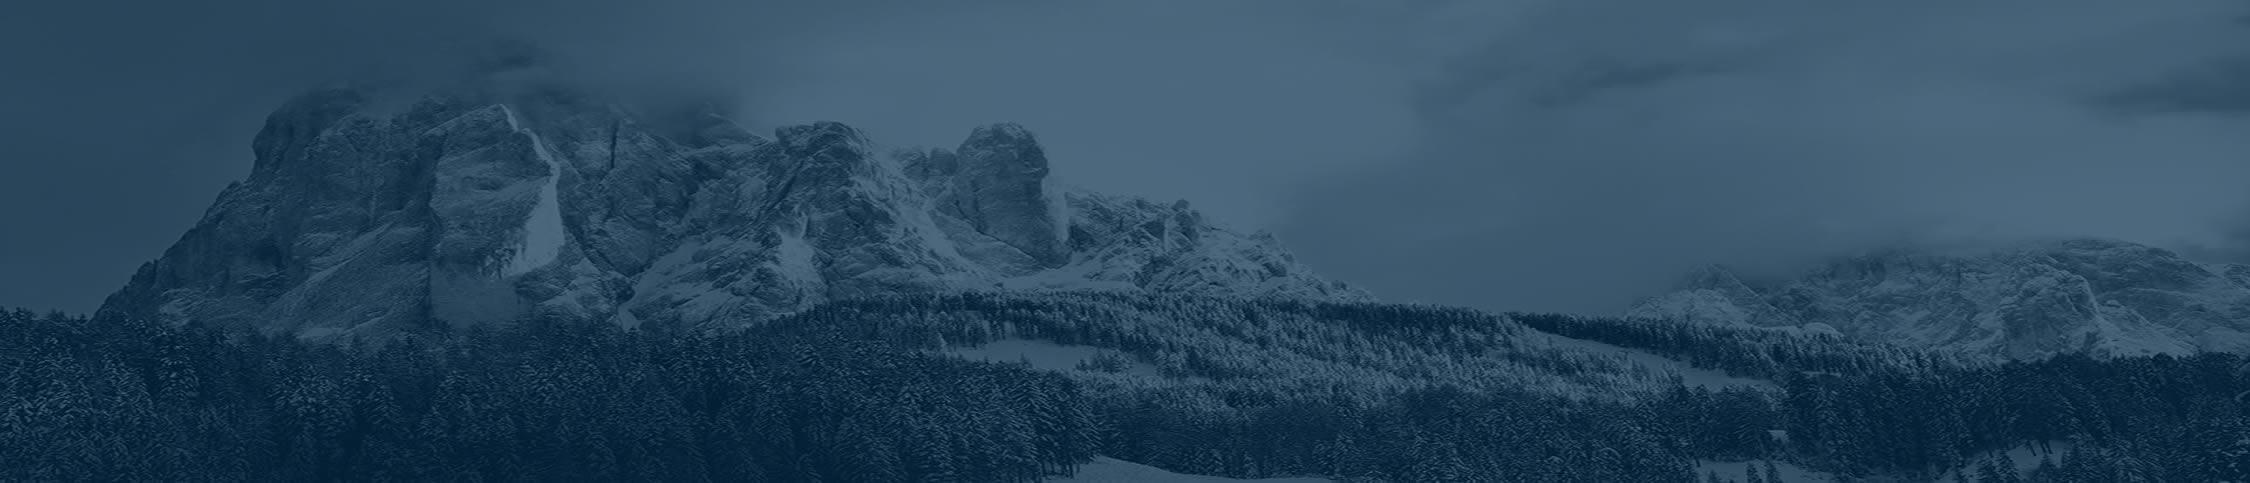 Уведомление: Вписана покана за ИОСА на ПЛОВДИВ ТЕХ ПАРК АД на 02.03.2020г.